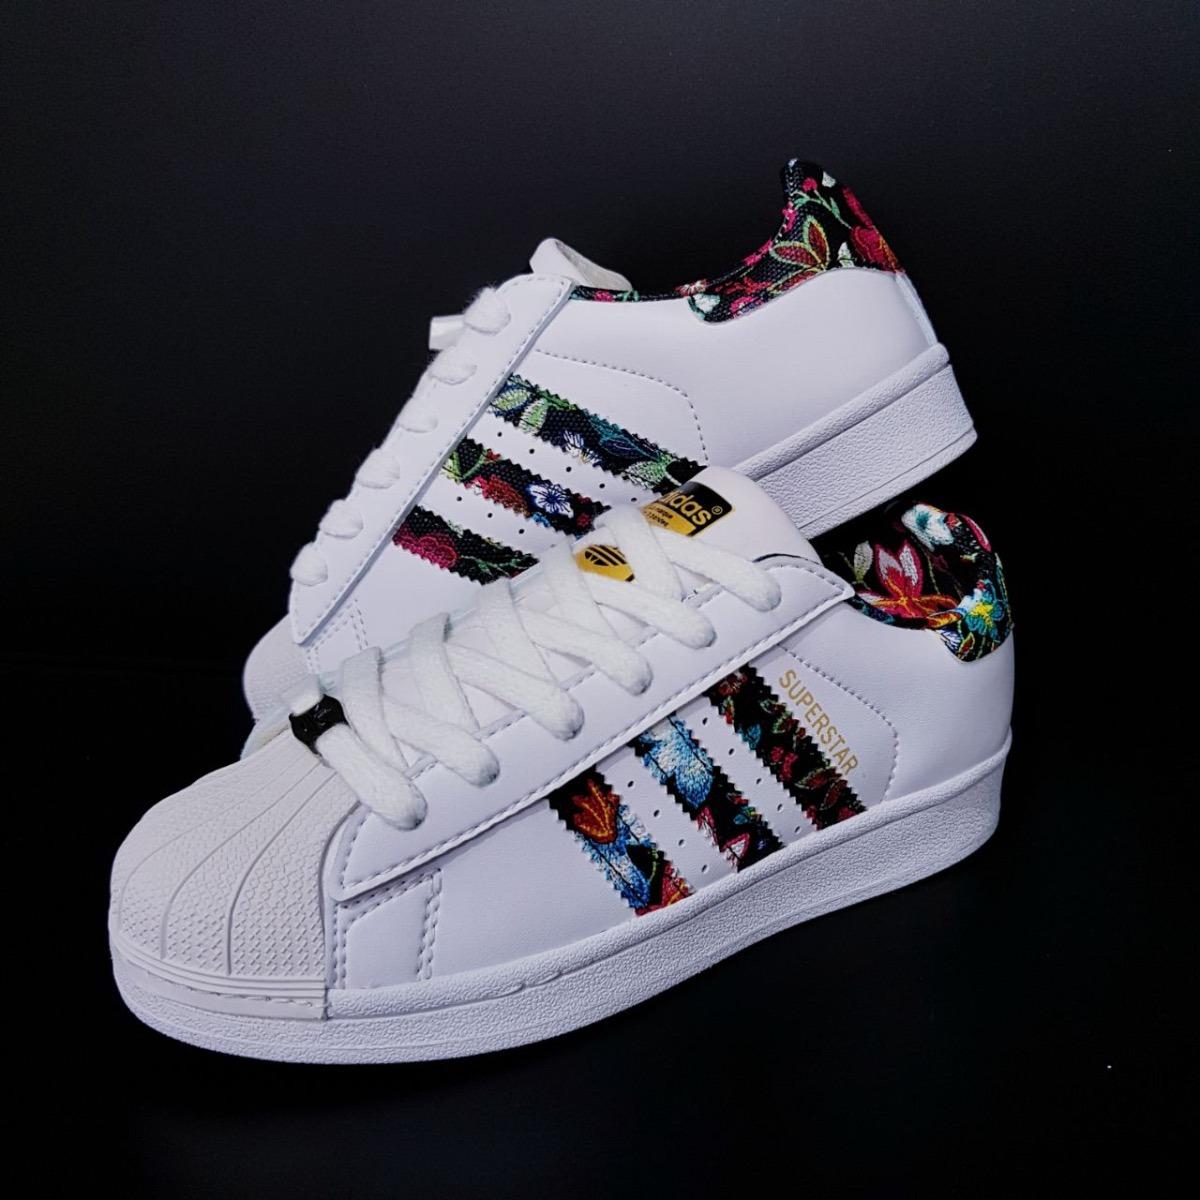 Orbita Pensativo Influencia  adidas superstar de flores - Tienda Online de Zapatos, Ropa y Complementos  de marca